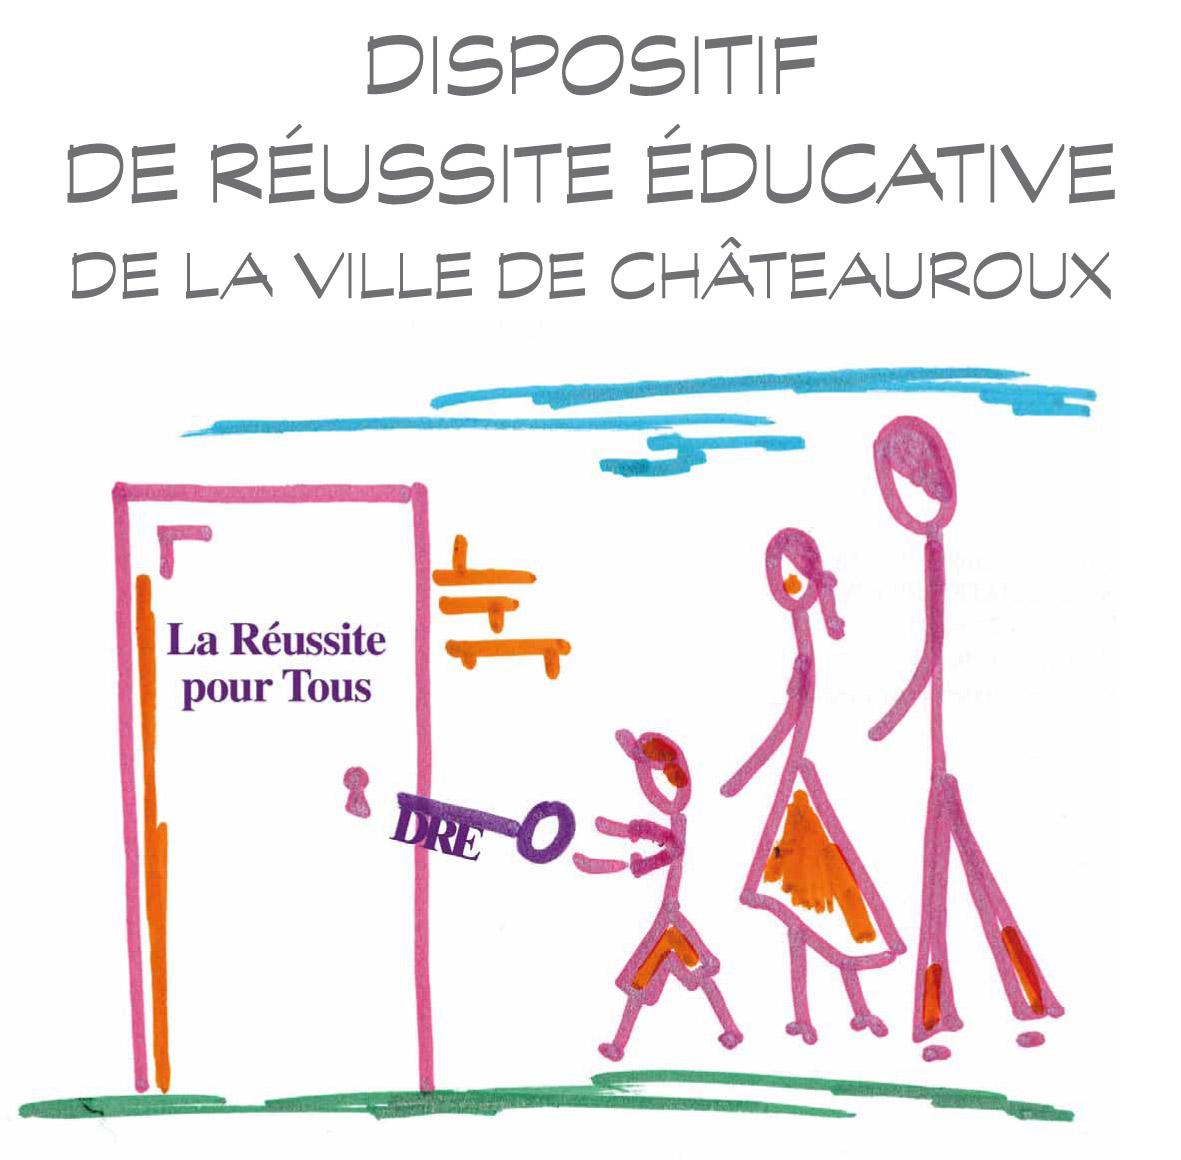 PRE de Chateauroux